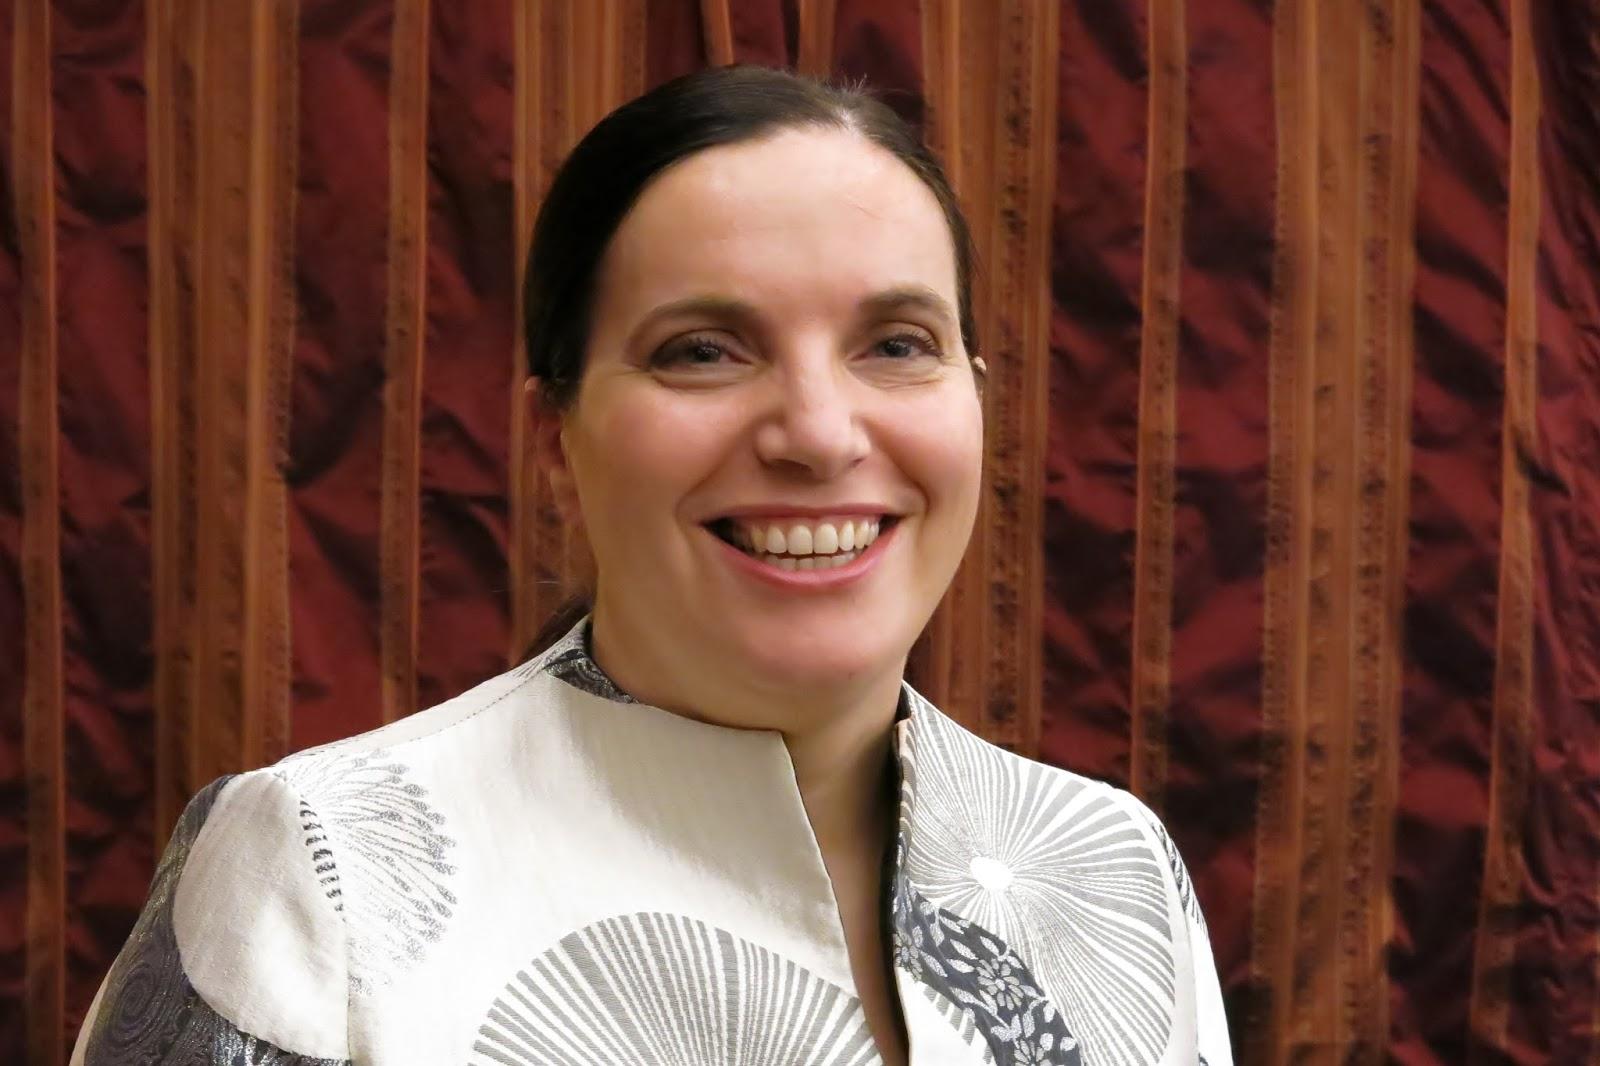 Simona Borstnar